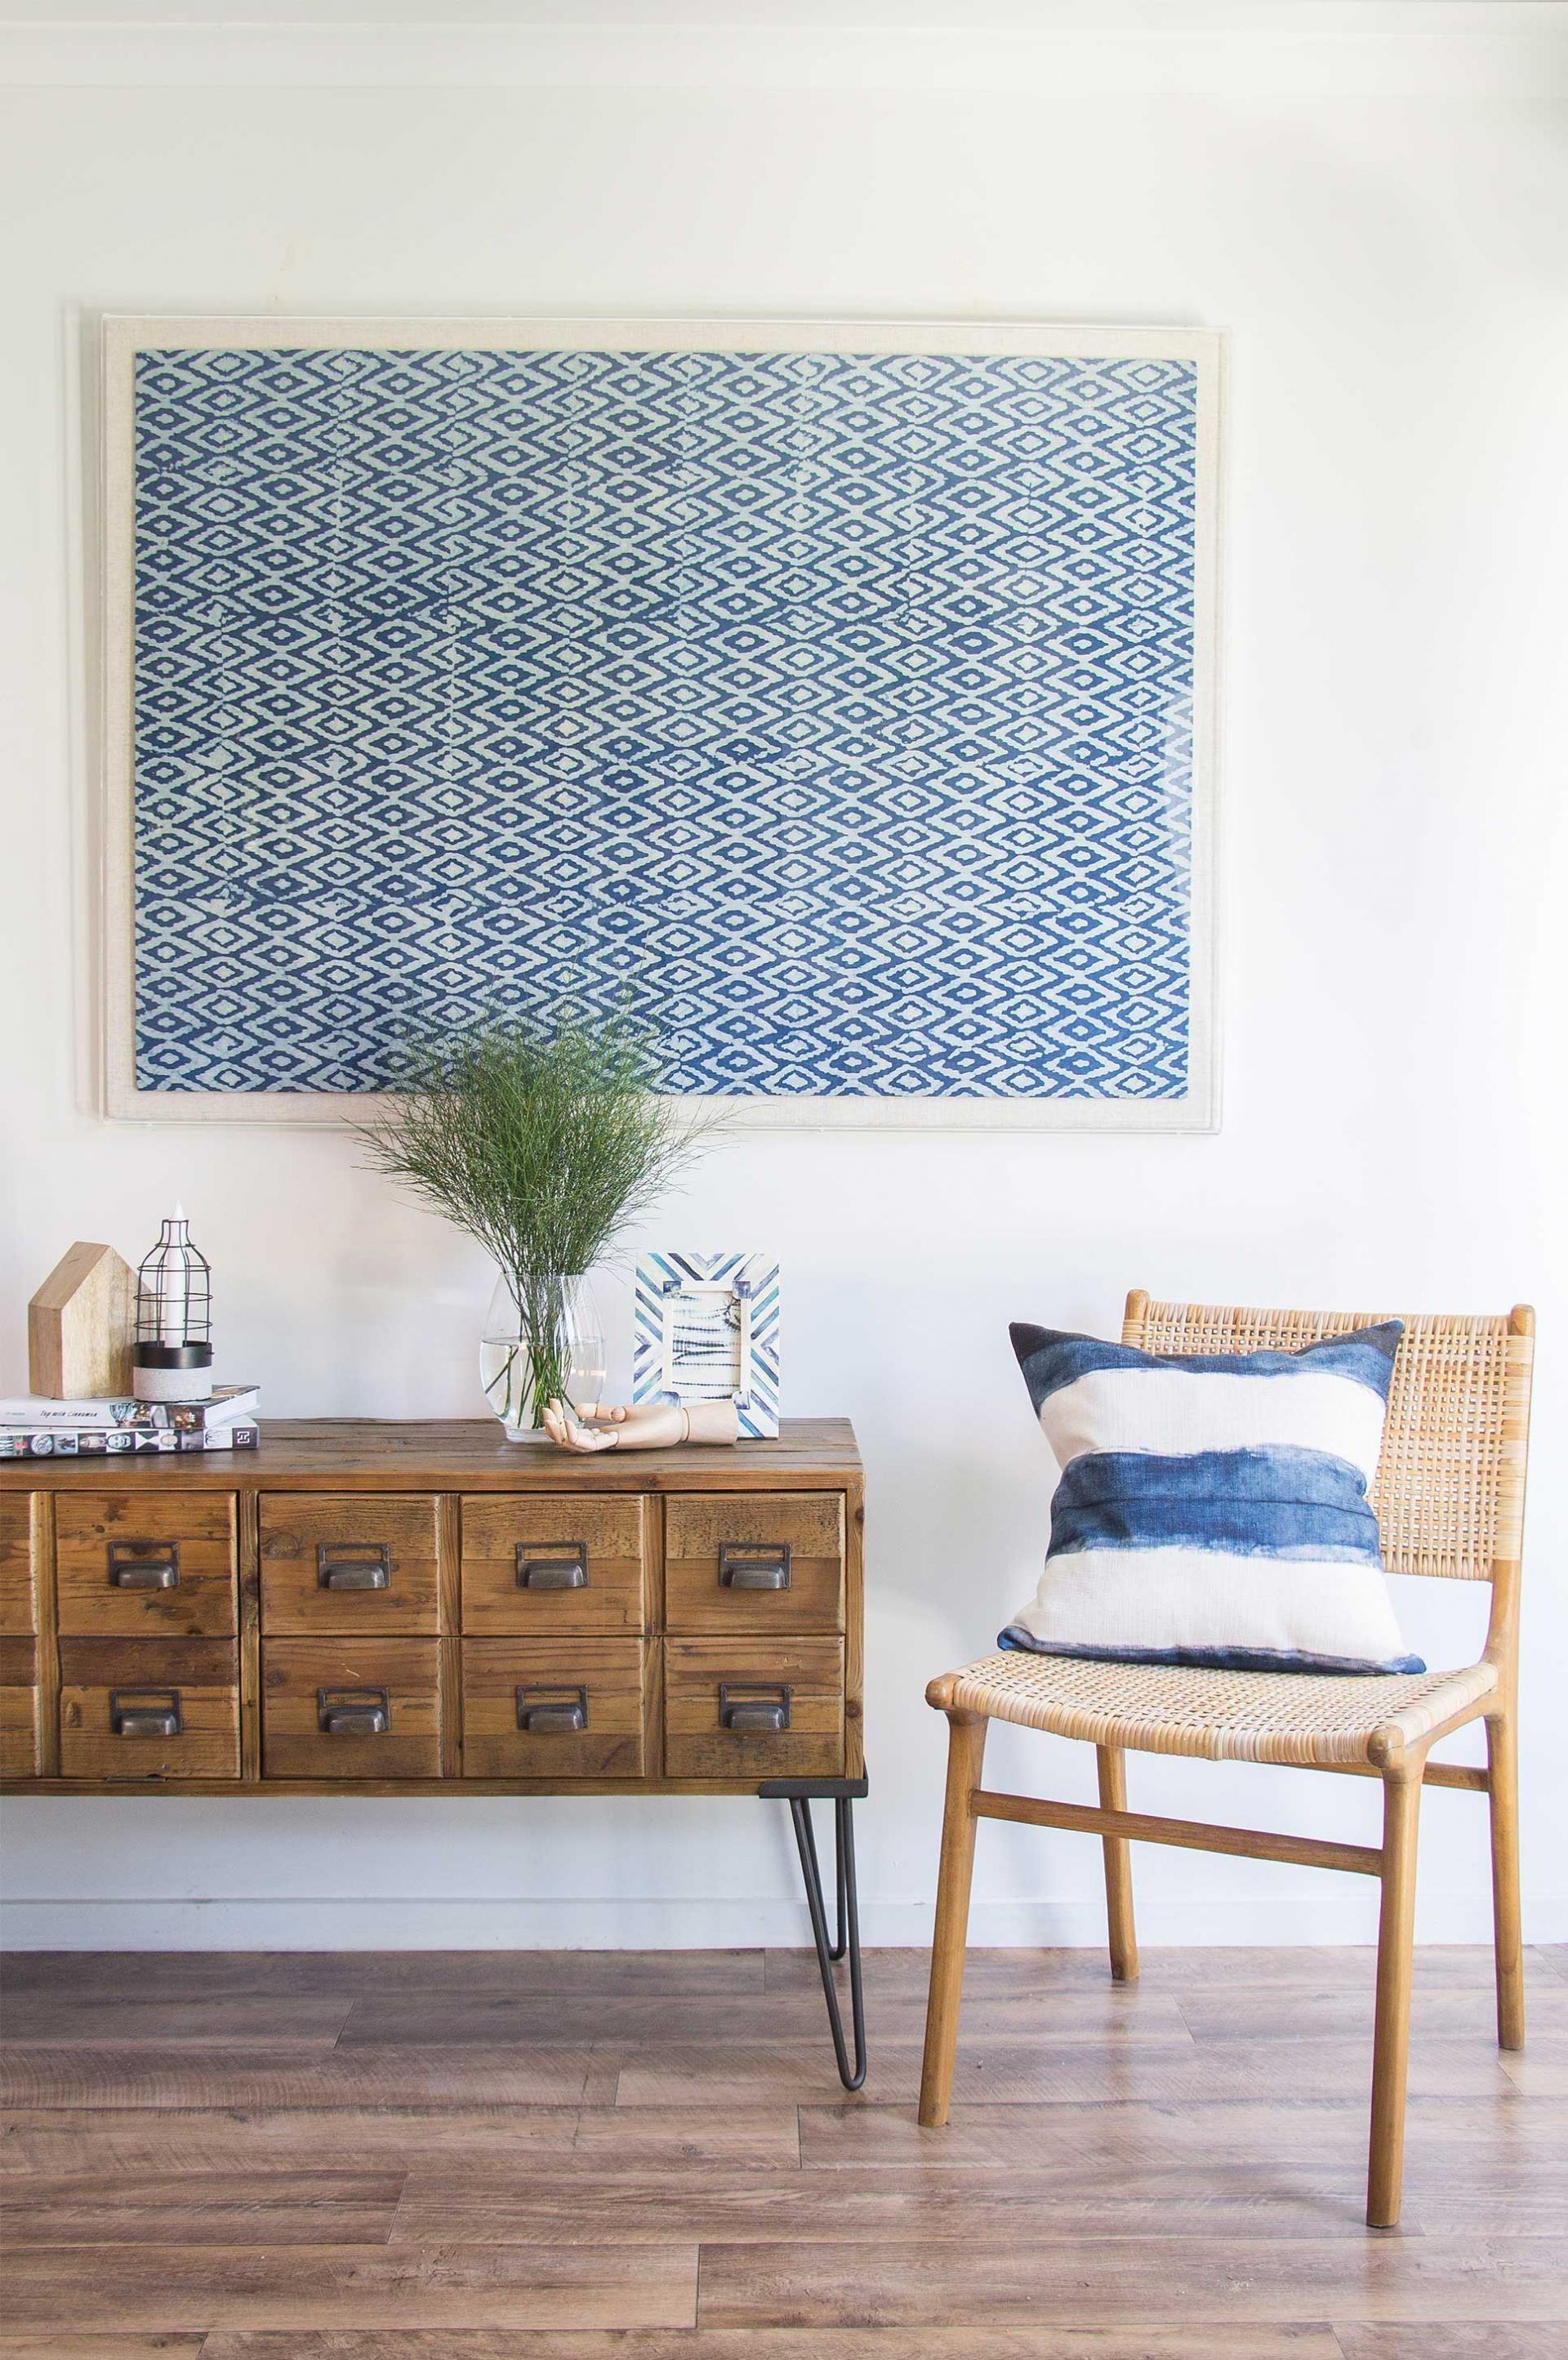 Handmade Loomology S Range Of Framed Textiles Decor Handmade Home Decor Handmade Home